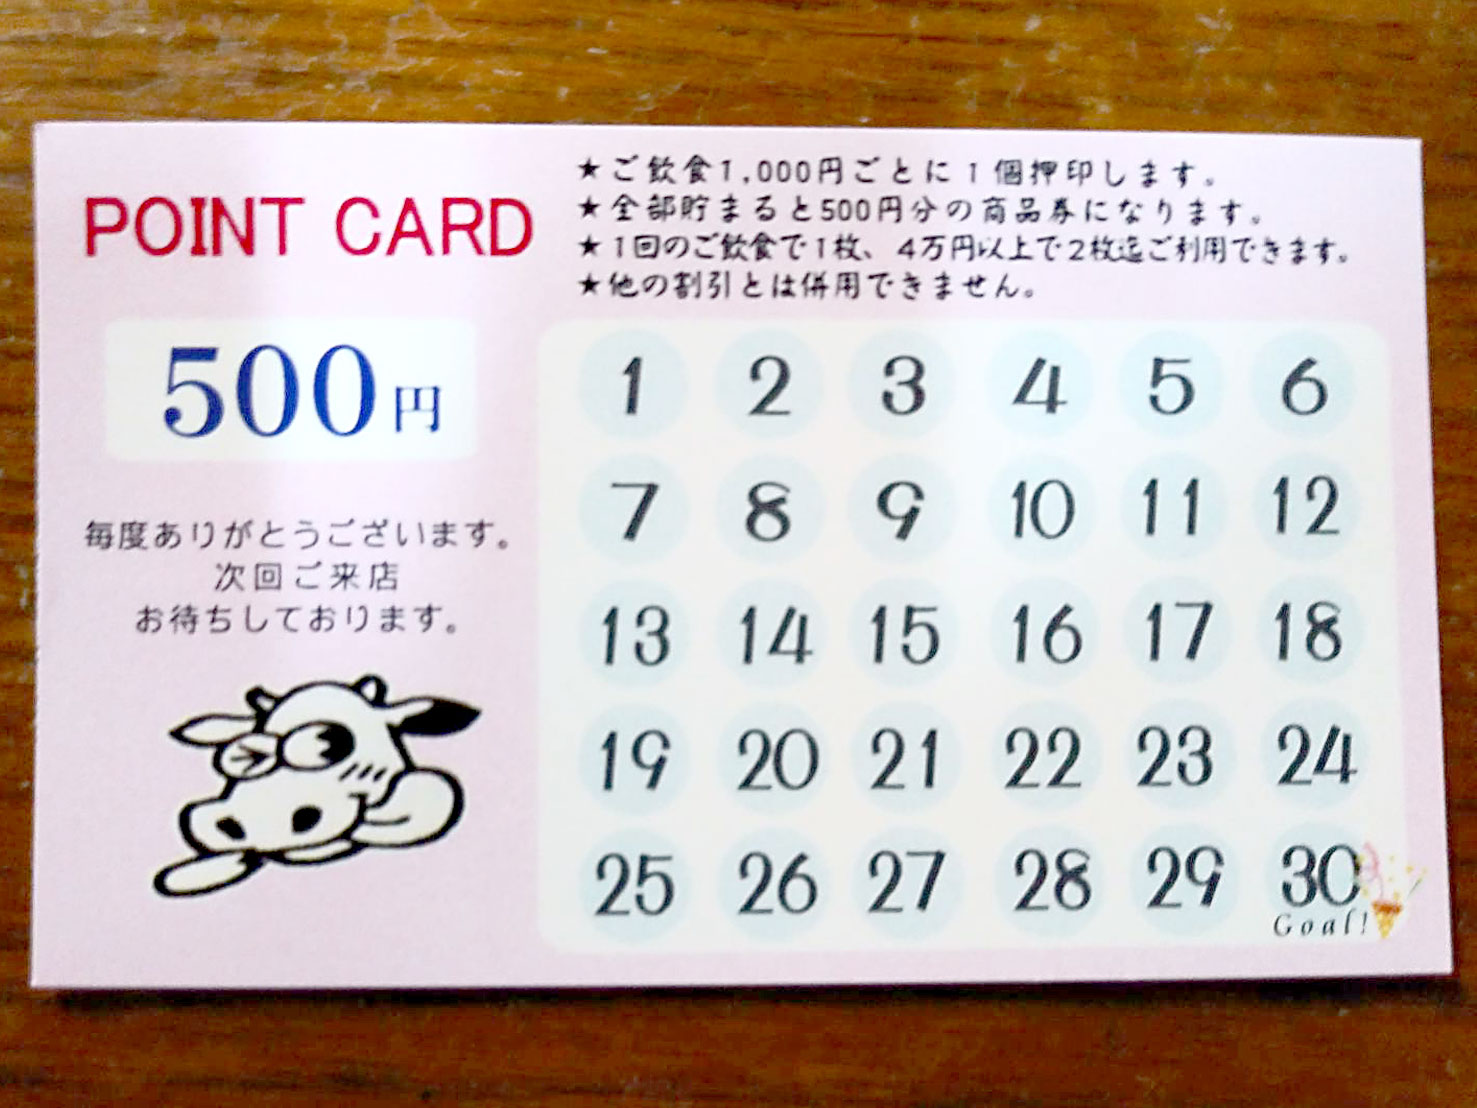 ポイントカードが新しくなりました!